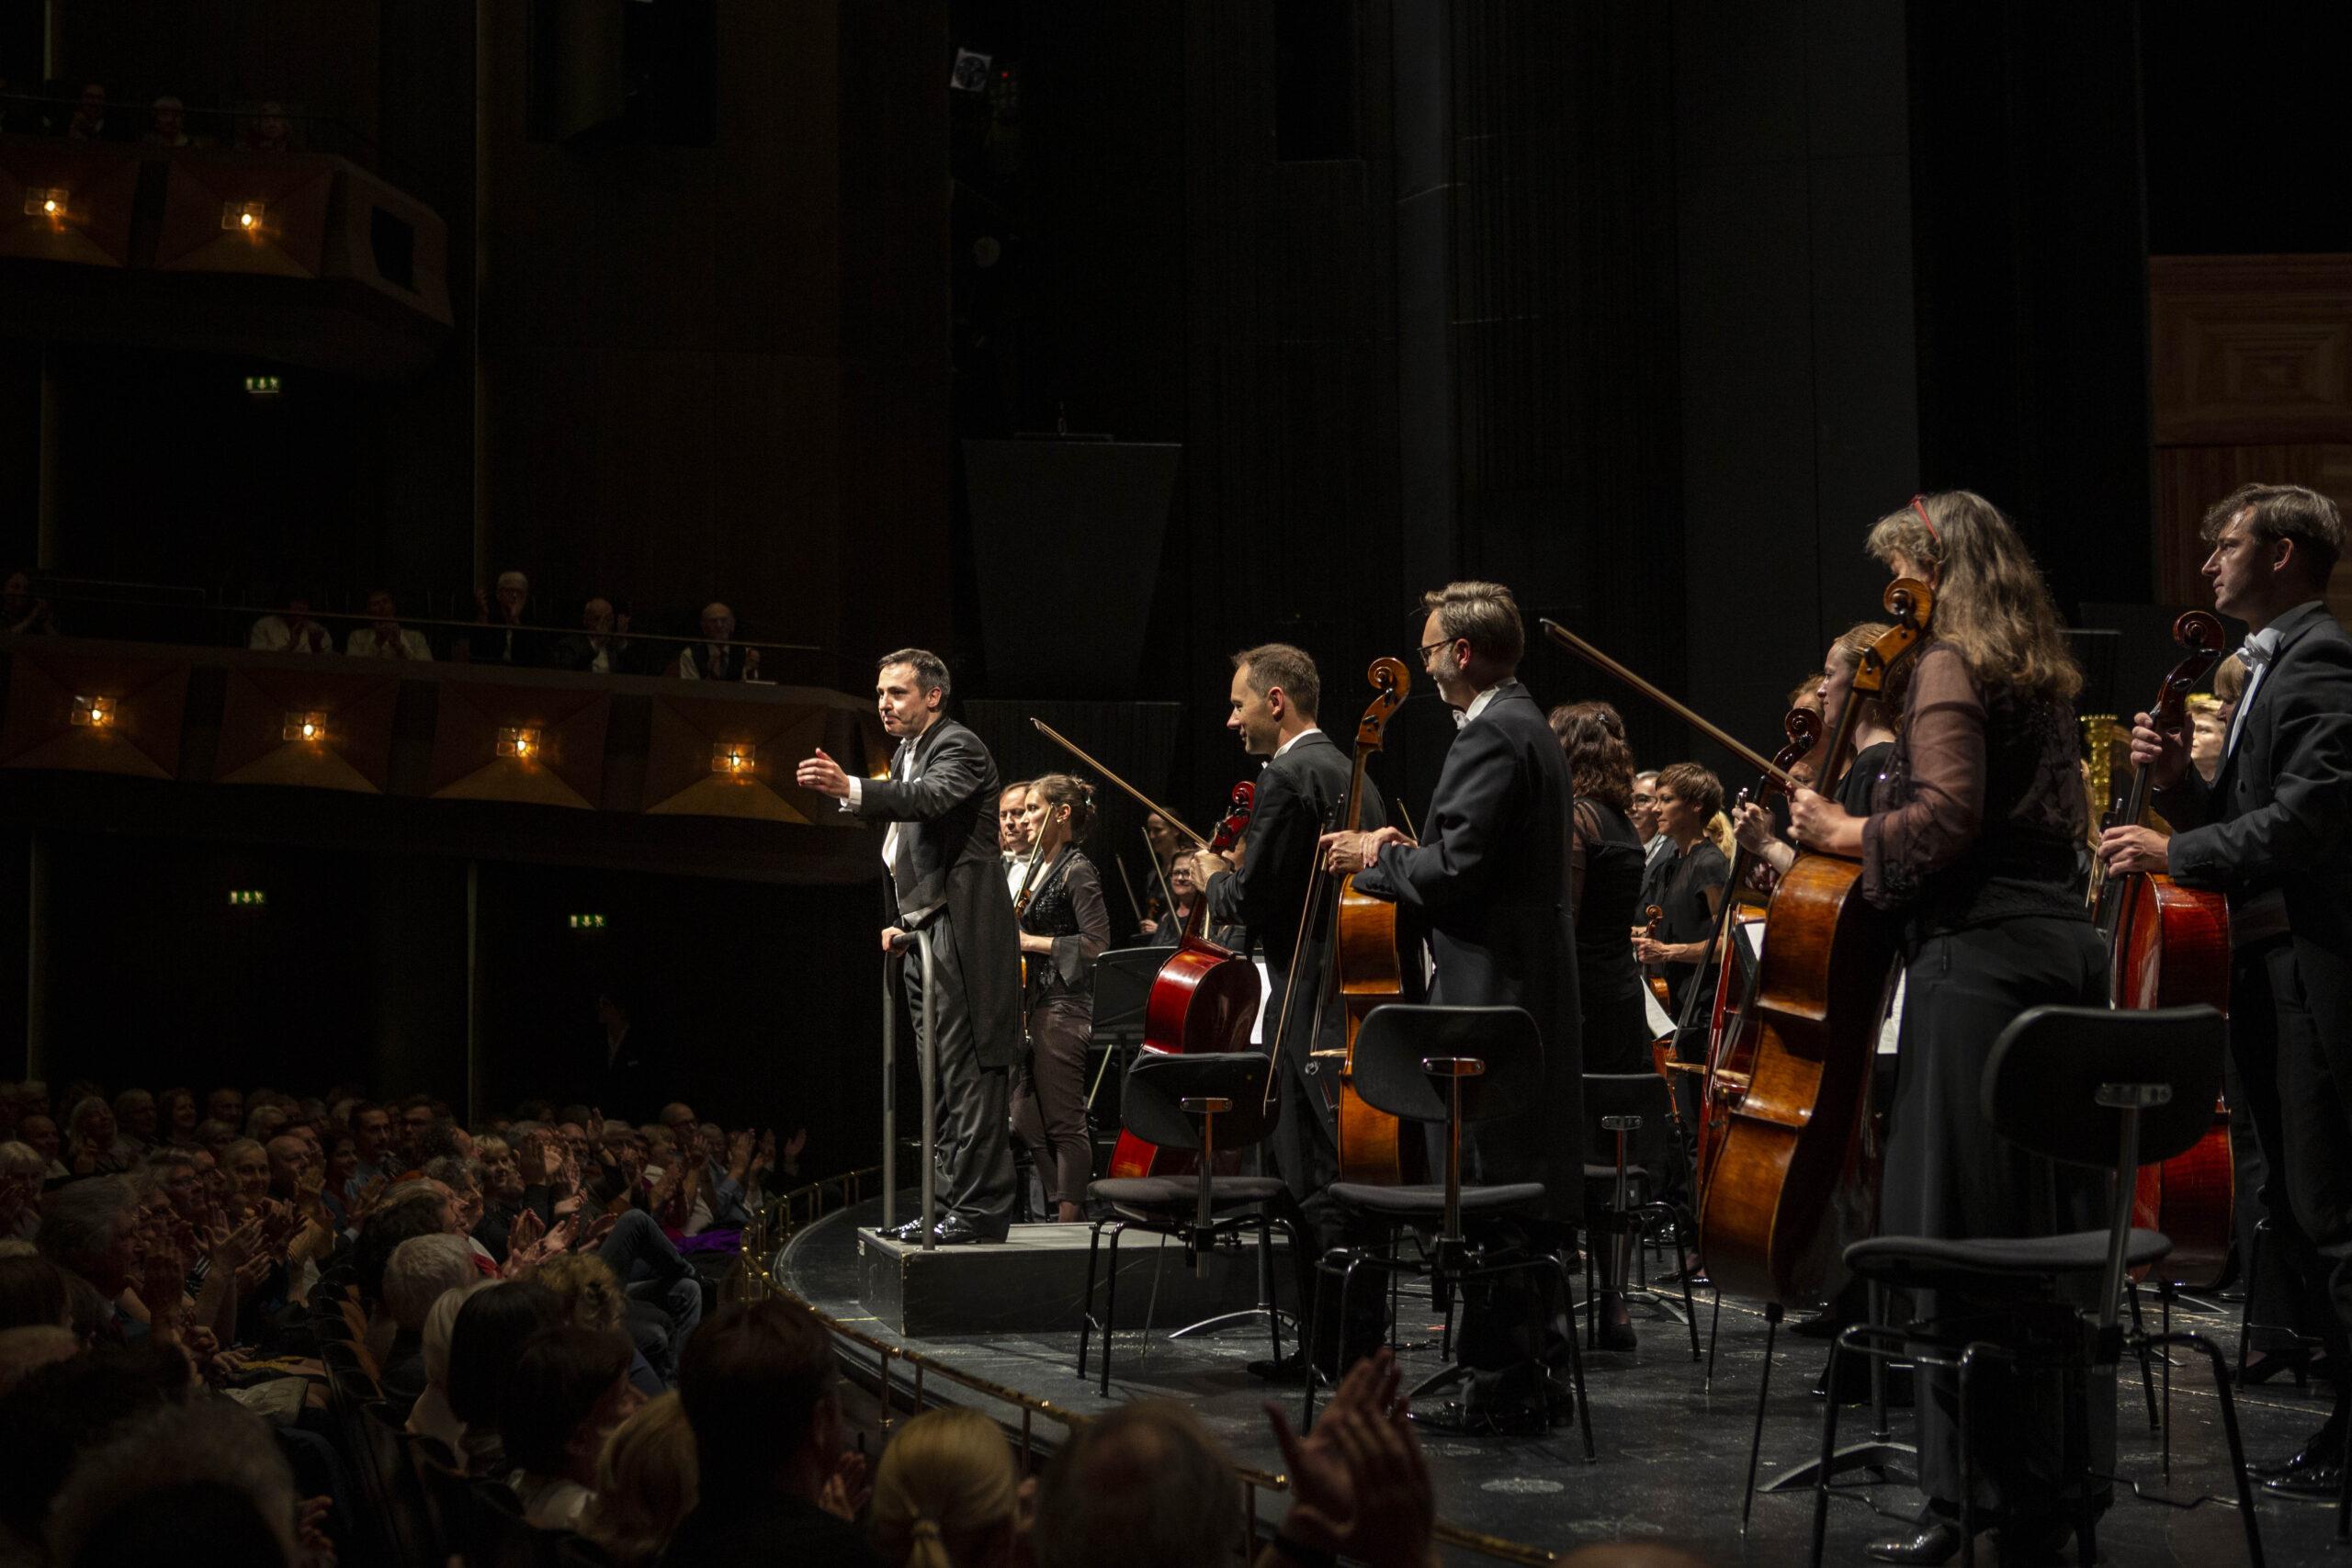 Deutschland, Hannover 16.06.2019 Opernhaus: 7. Sinfoniekonzert Foto:Villegas